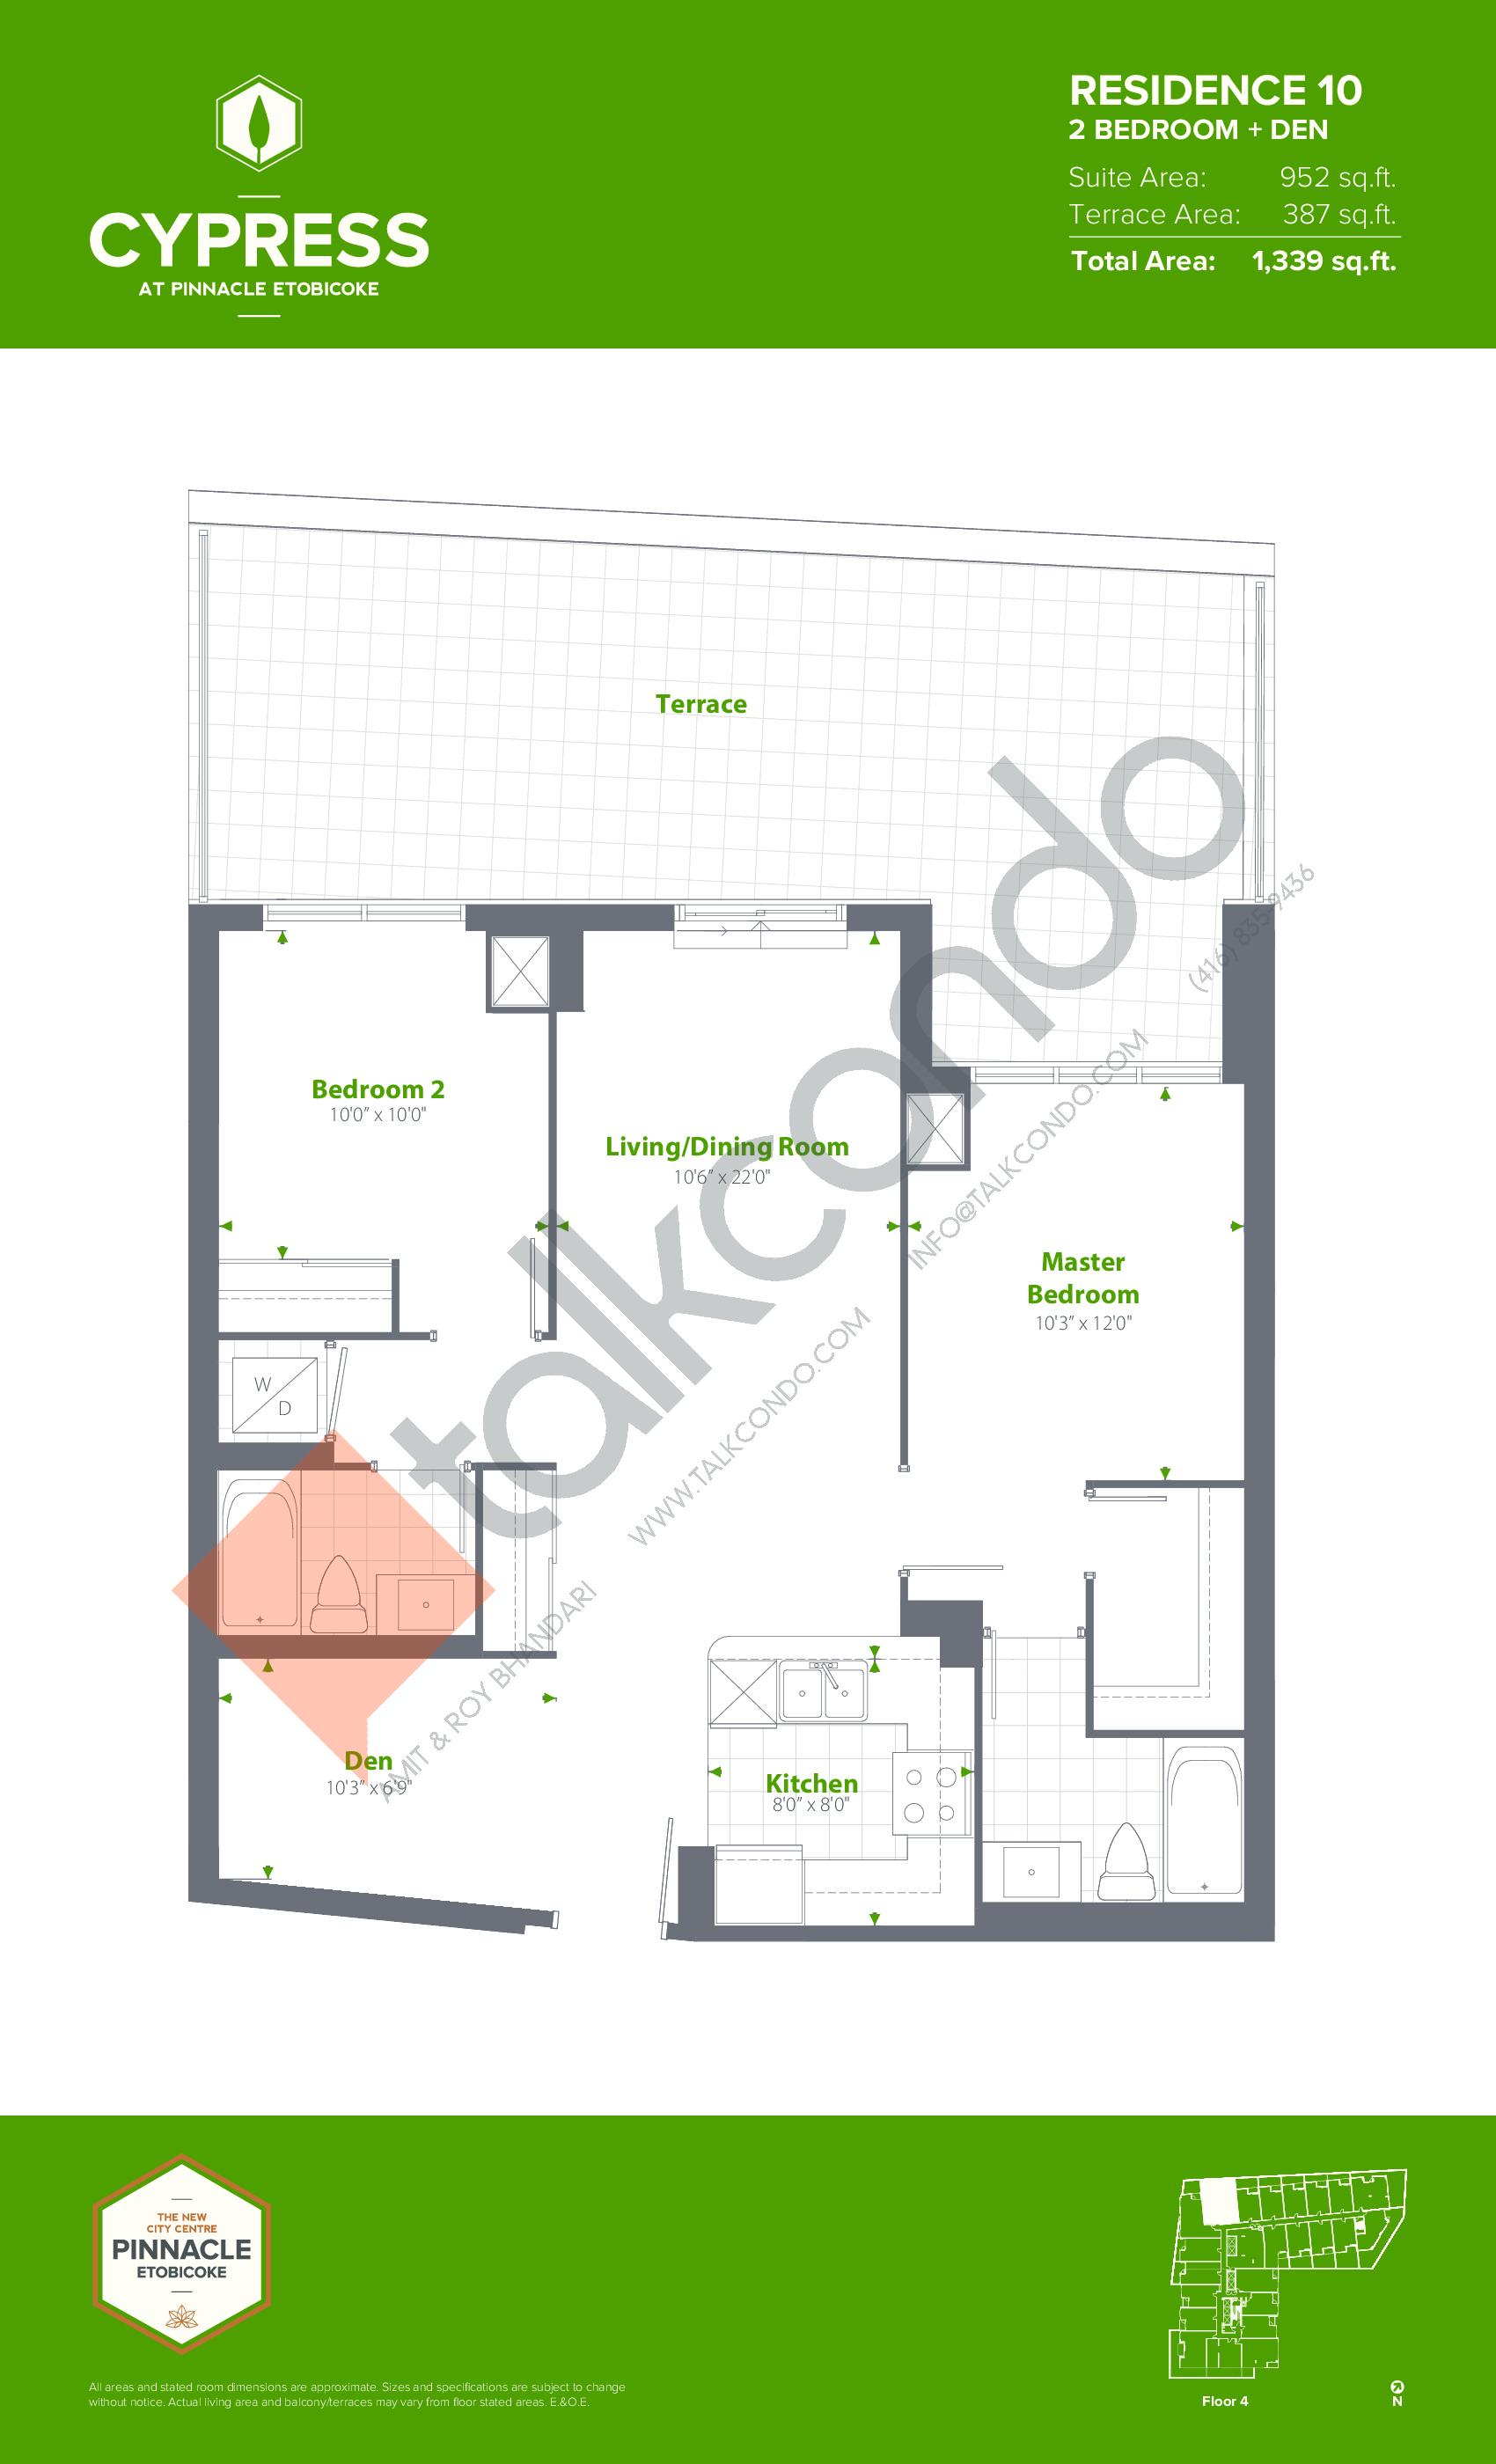 Residence 10 Floor Plan at Cypress at Pinnacle Etobicoke - 952 sq.ft